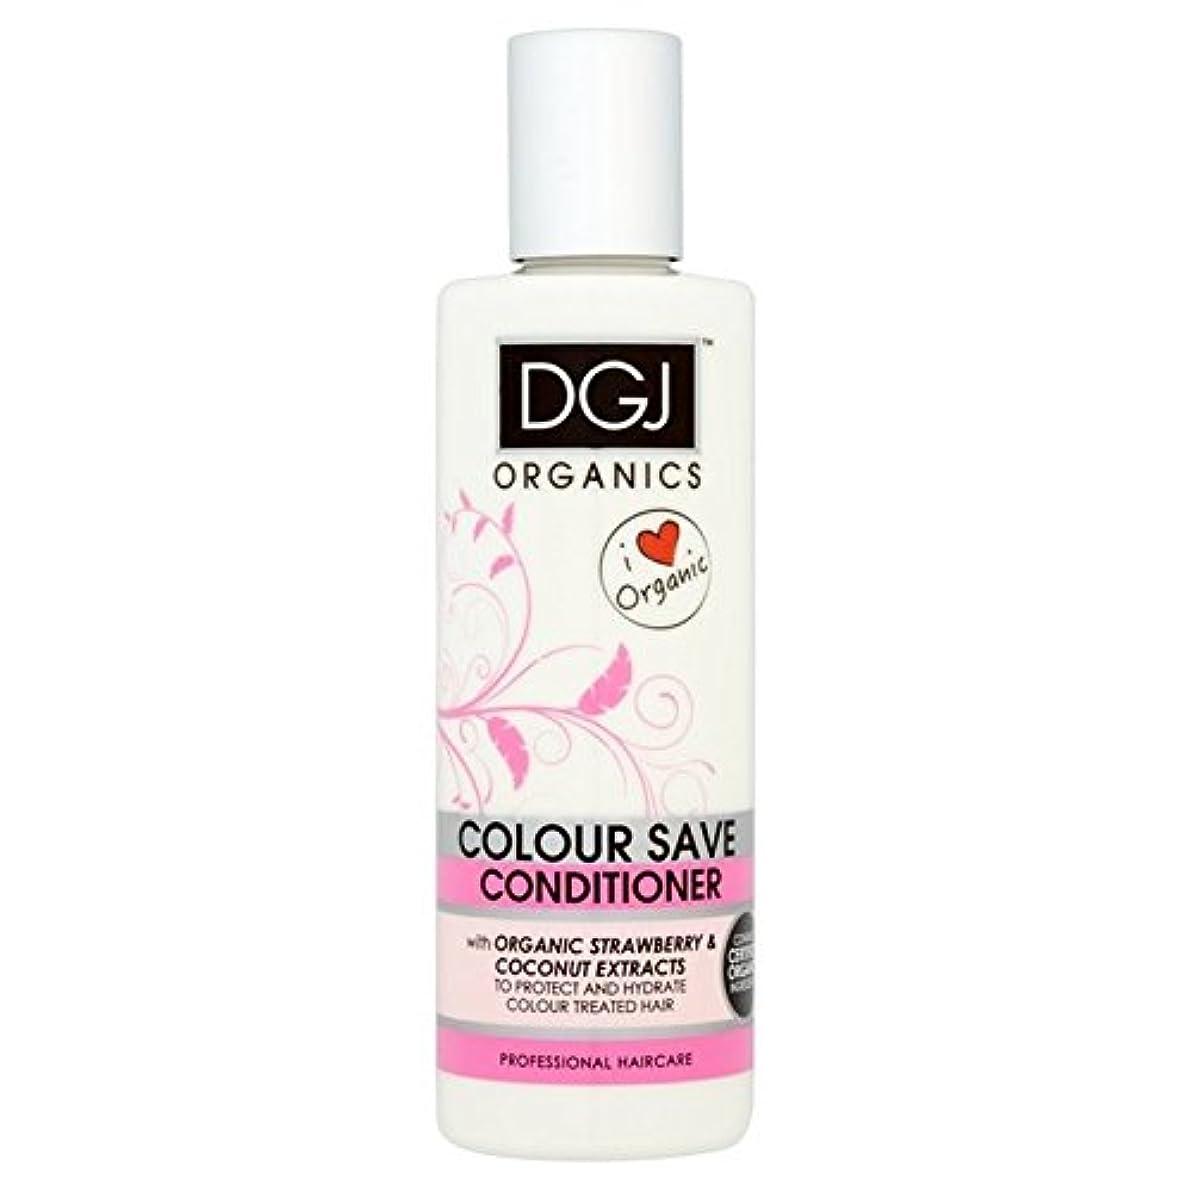 賭け委任するジャベスウィルソンDGJ Organics Colour Save Conditioner 250ml (Pack of 6) - 有機物の色コンディショナー250を保存 x6 [並行輸入品]